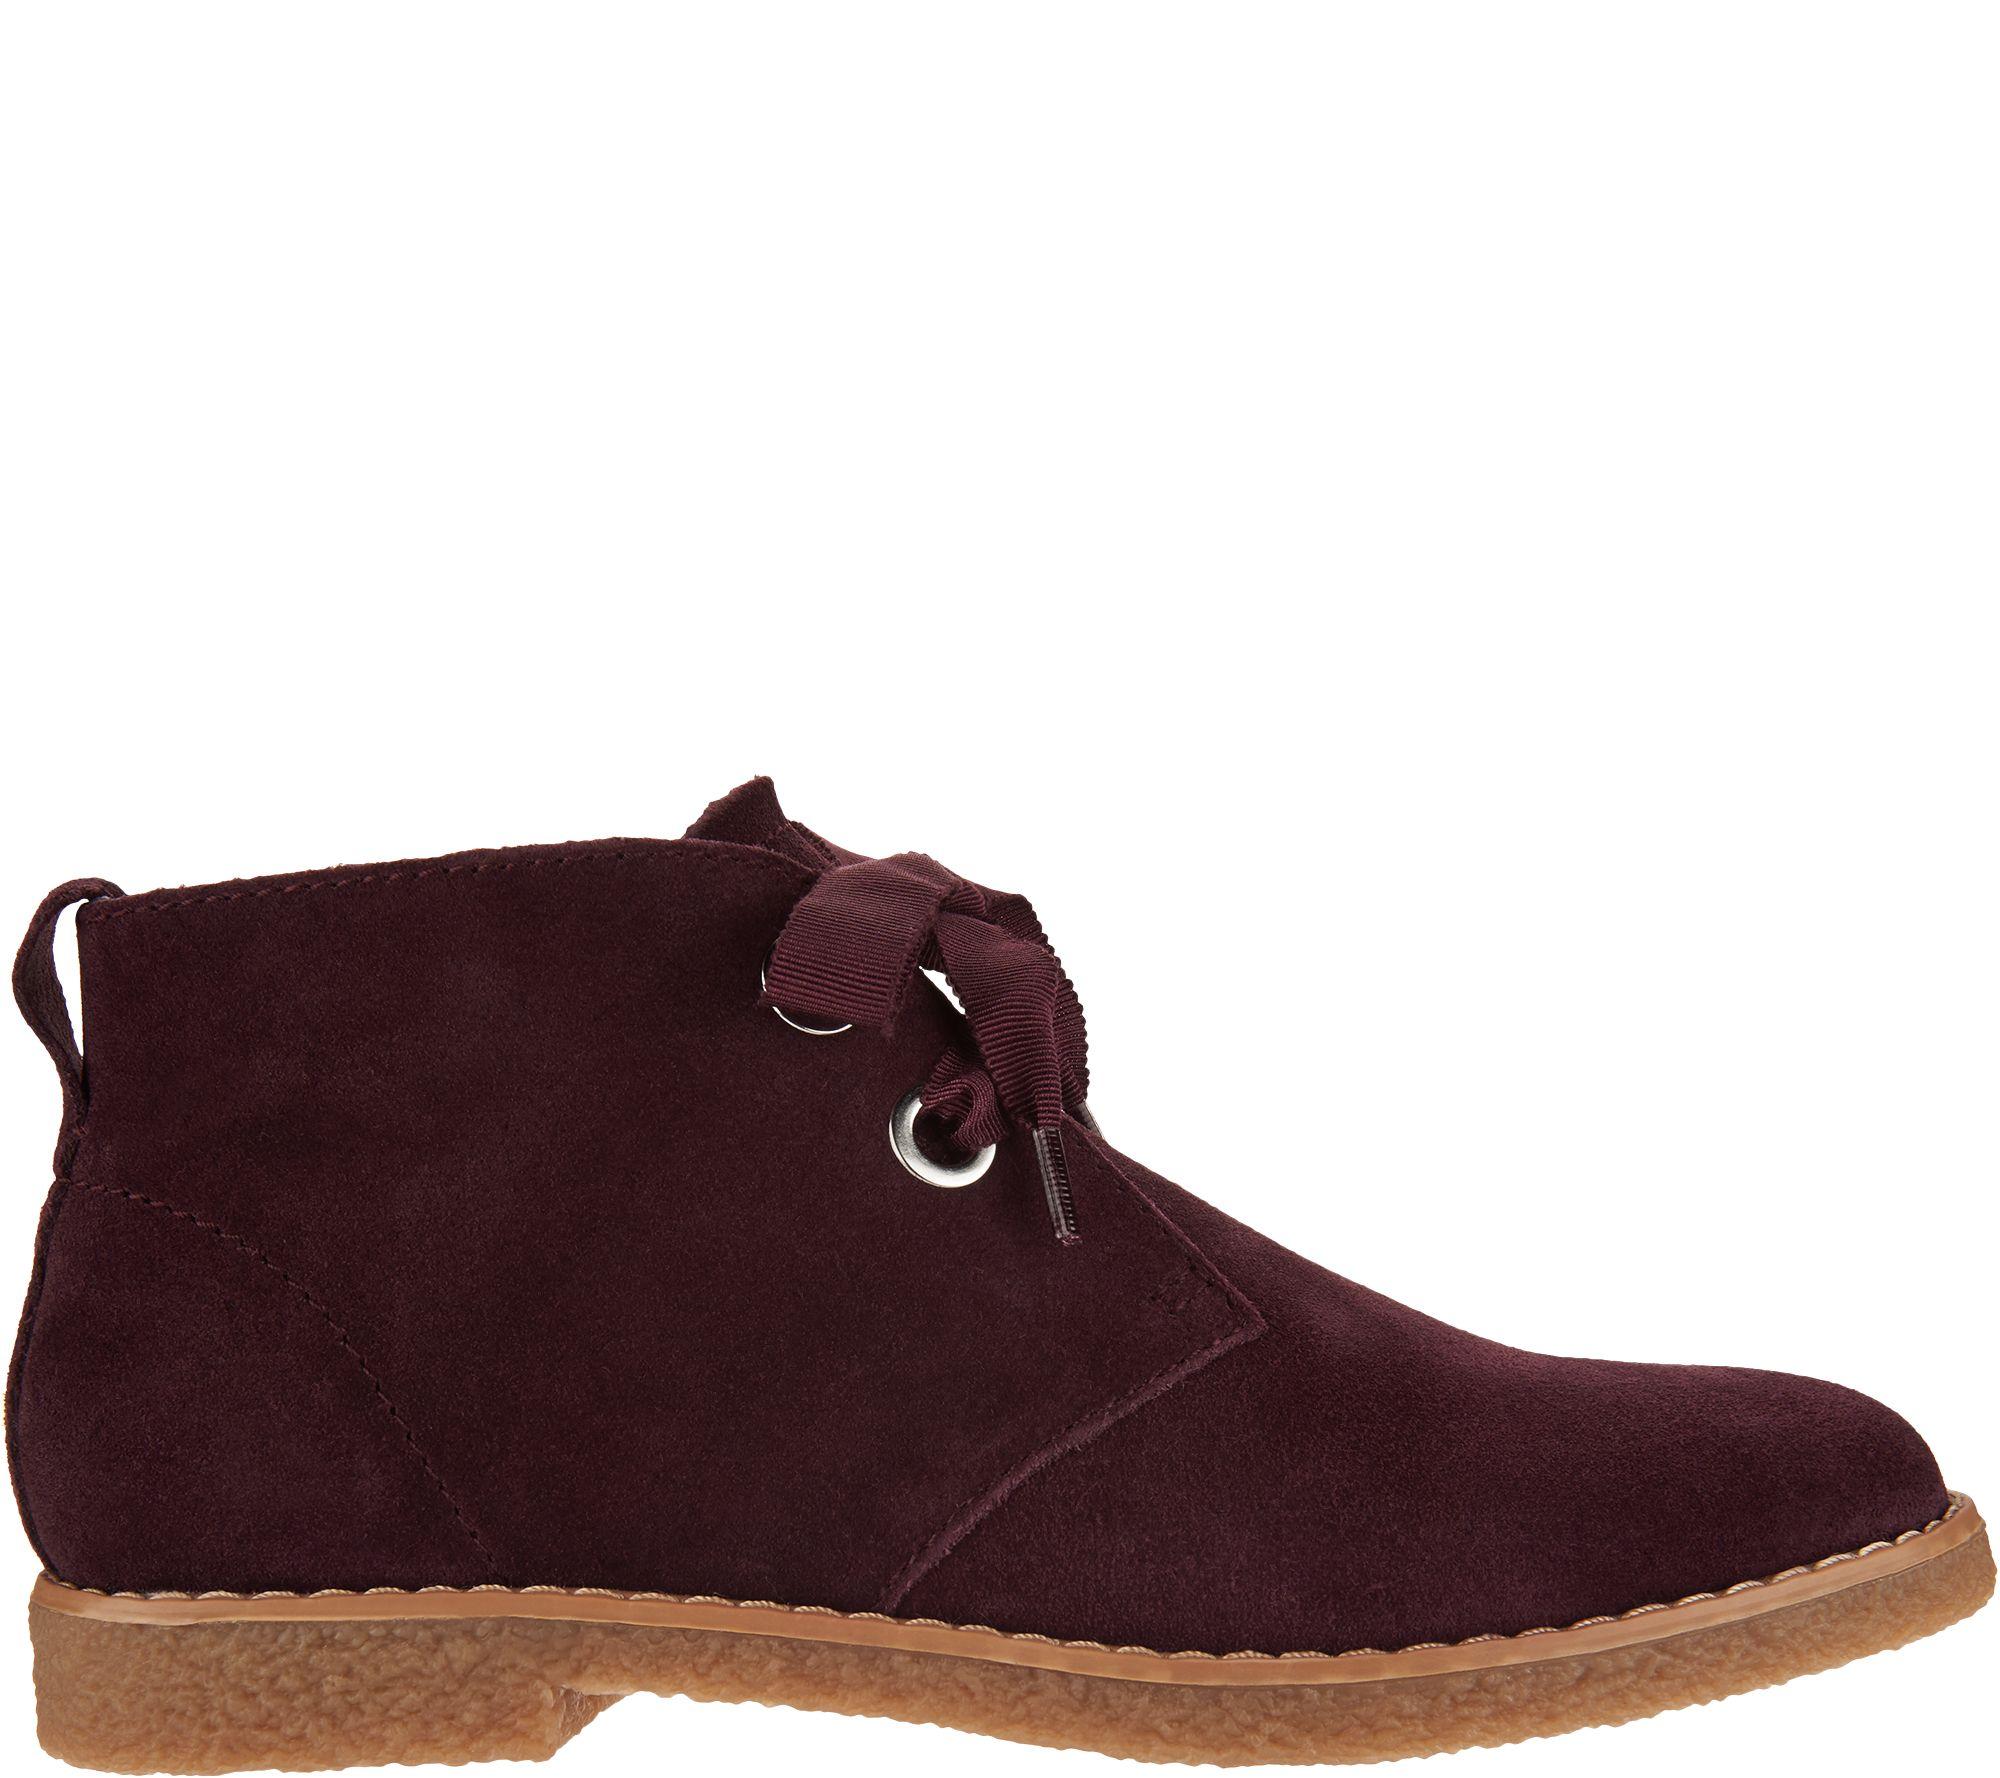 co.lori , Damen Desert Boots , Schwarz - schwarz - Größe: 40